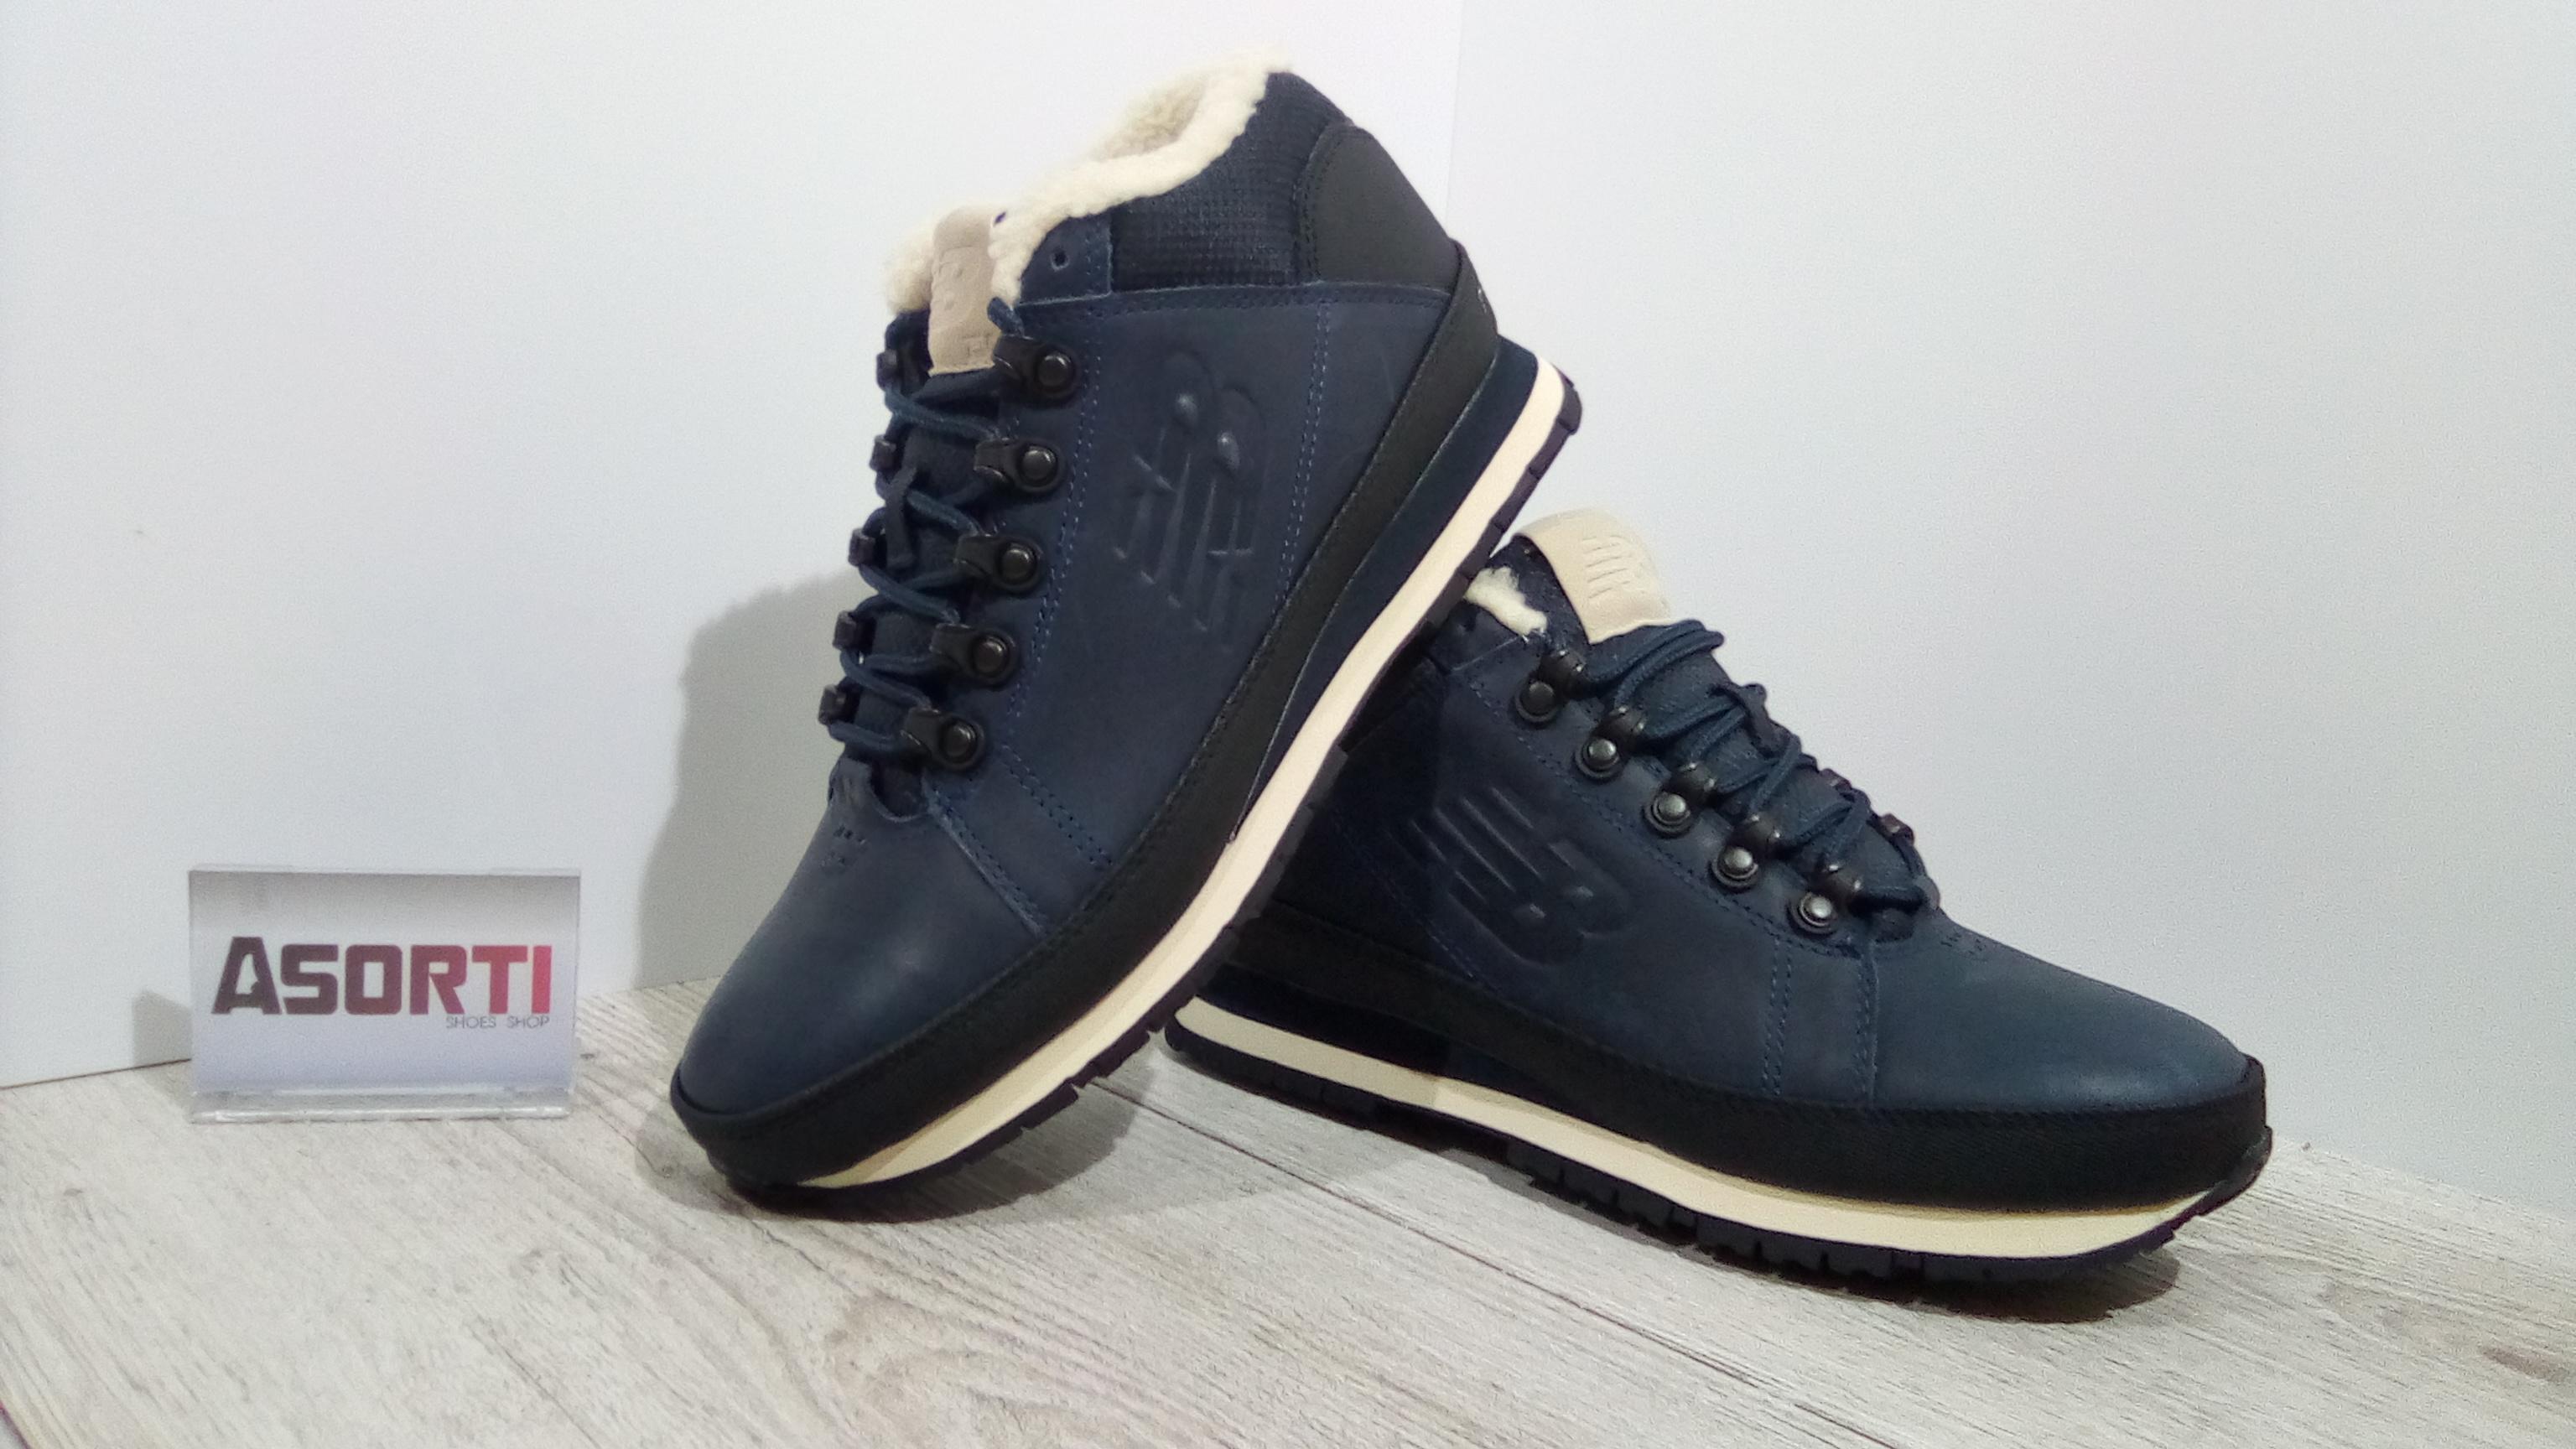 b652549d90f5 Мужские зимние ботинки New Balance (HL754FN) синие купить в Украине ...